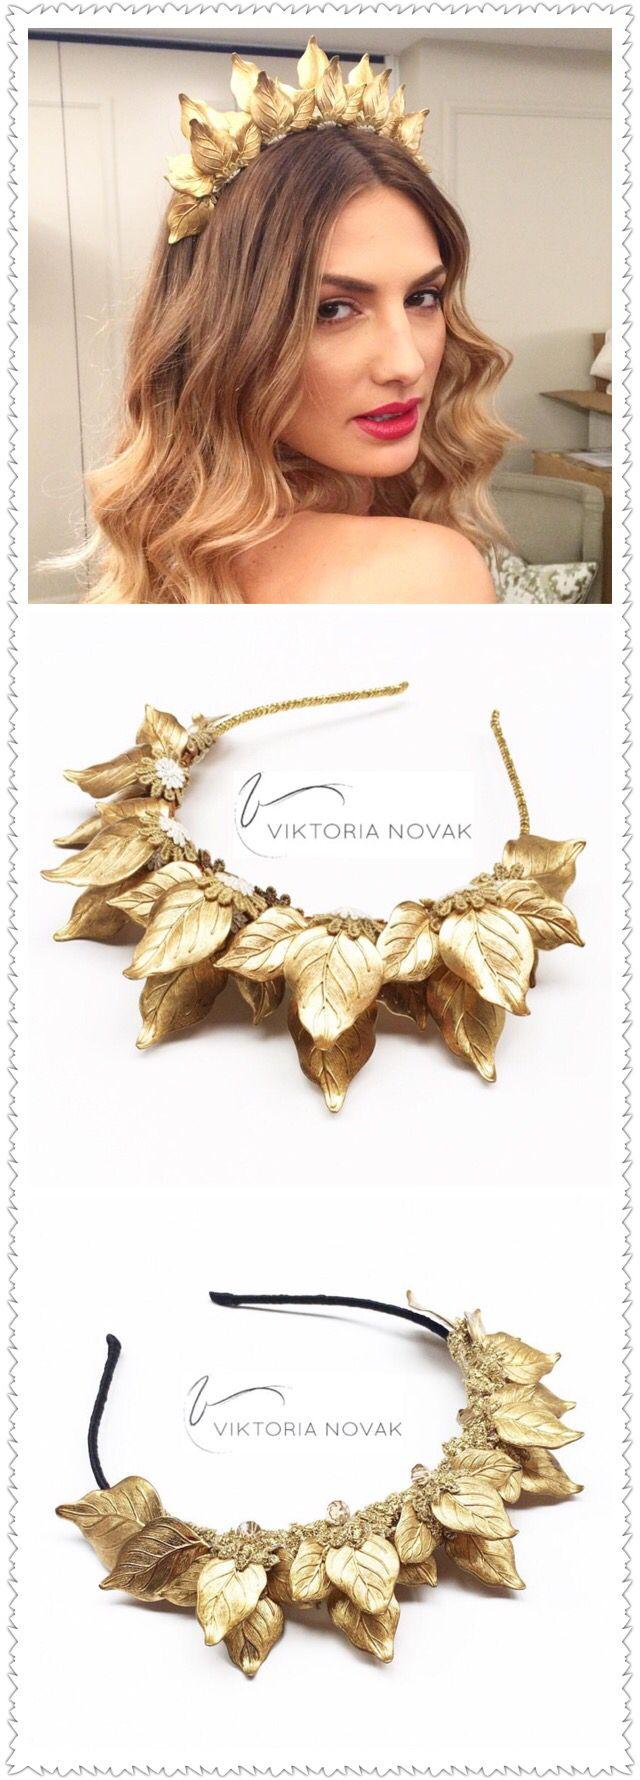 Viktoria Novak